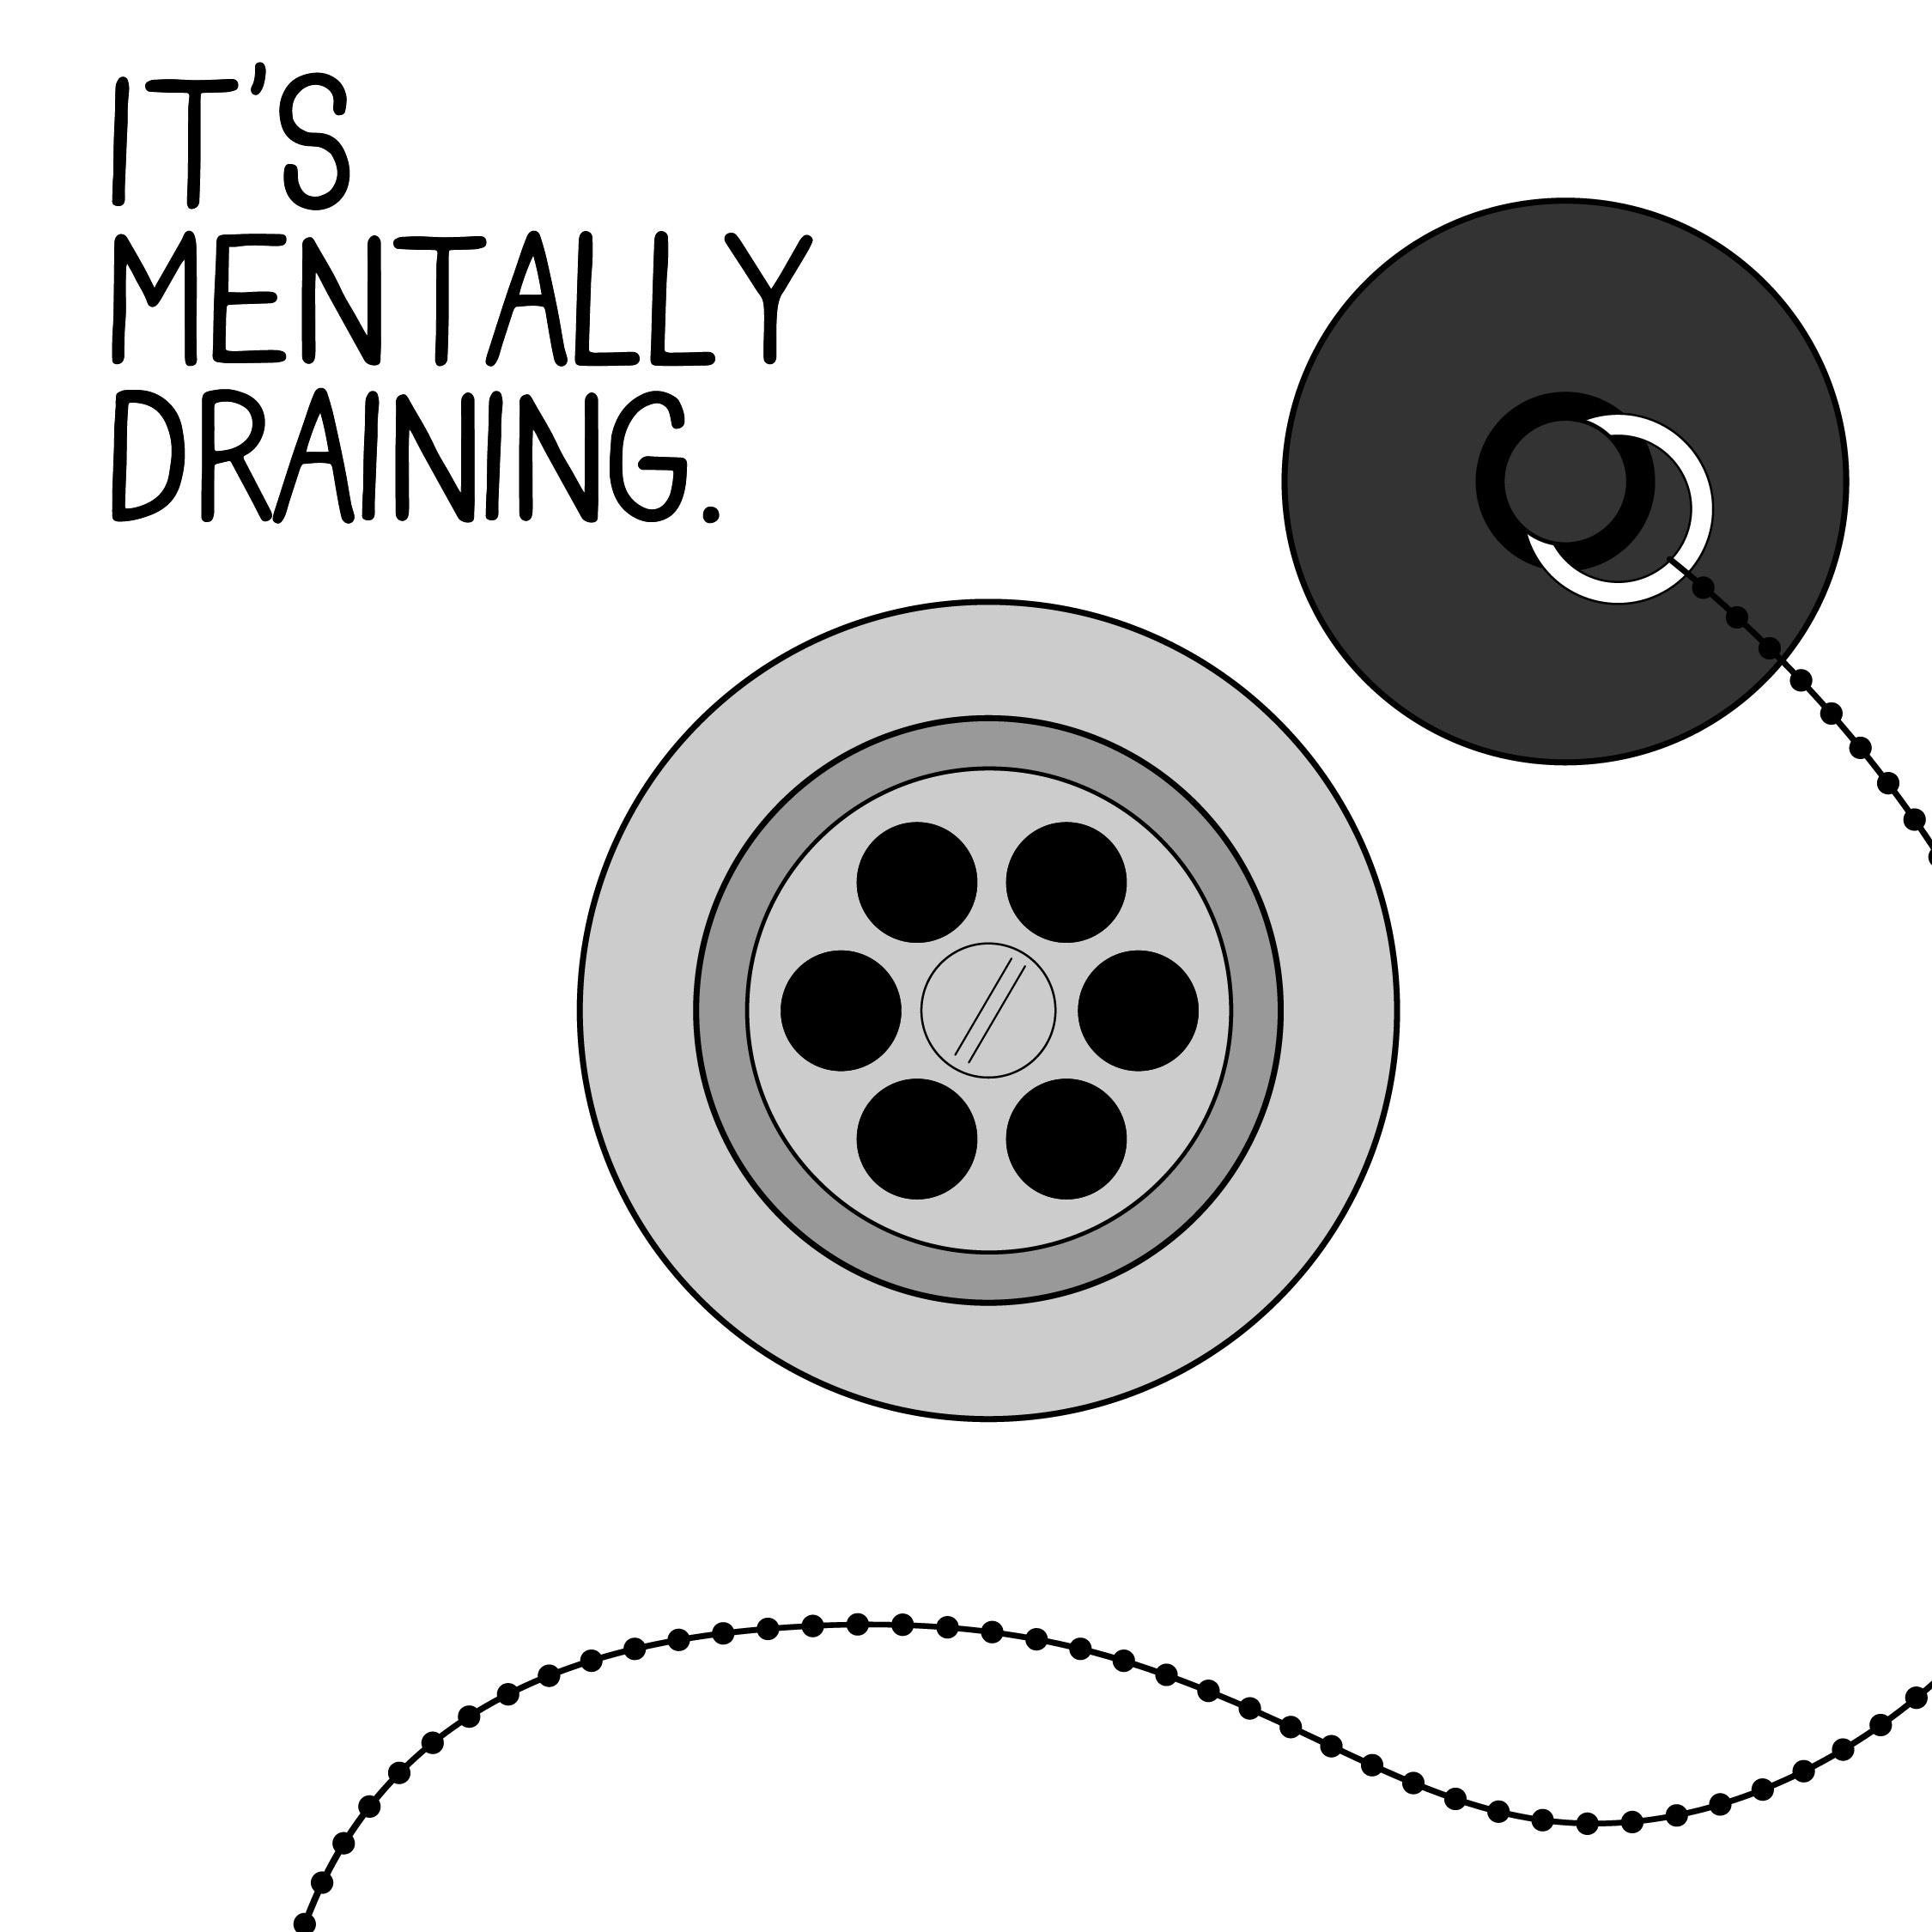 mentallydraining-01.jpg